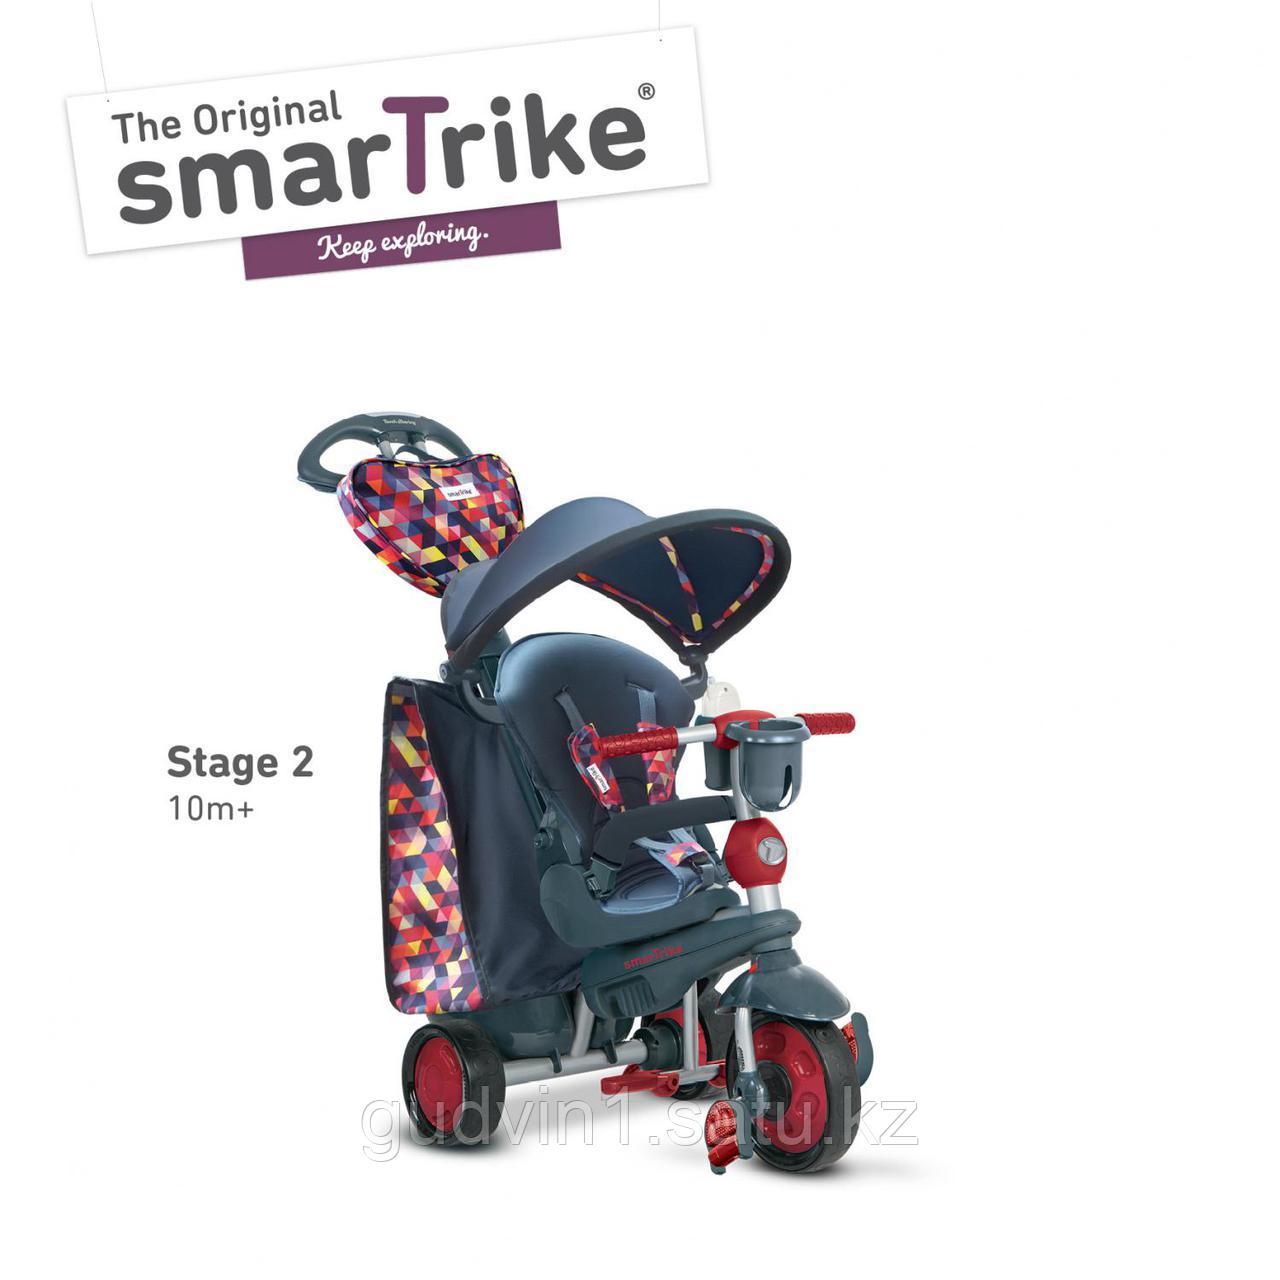 Велосипед Smart Trike 5 в 1 EXPLORER от 7 месяцев до 3 лет